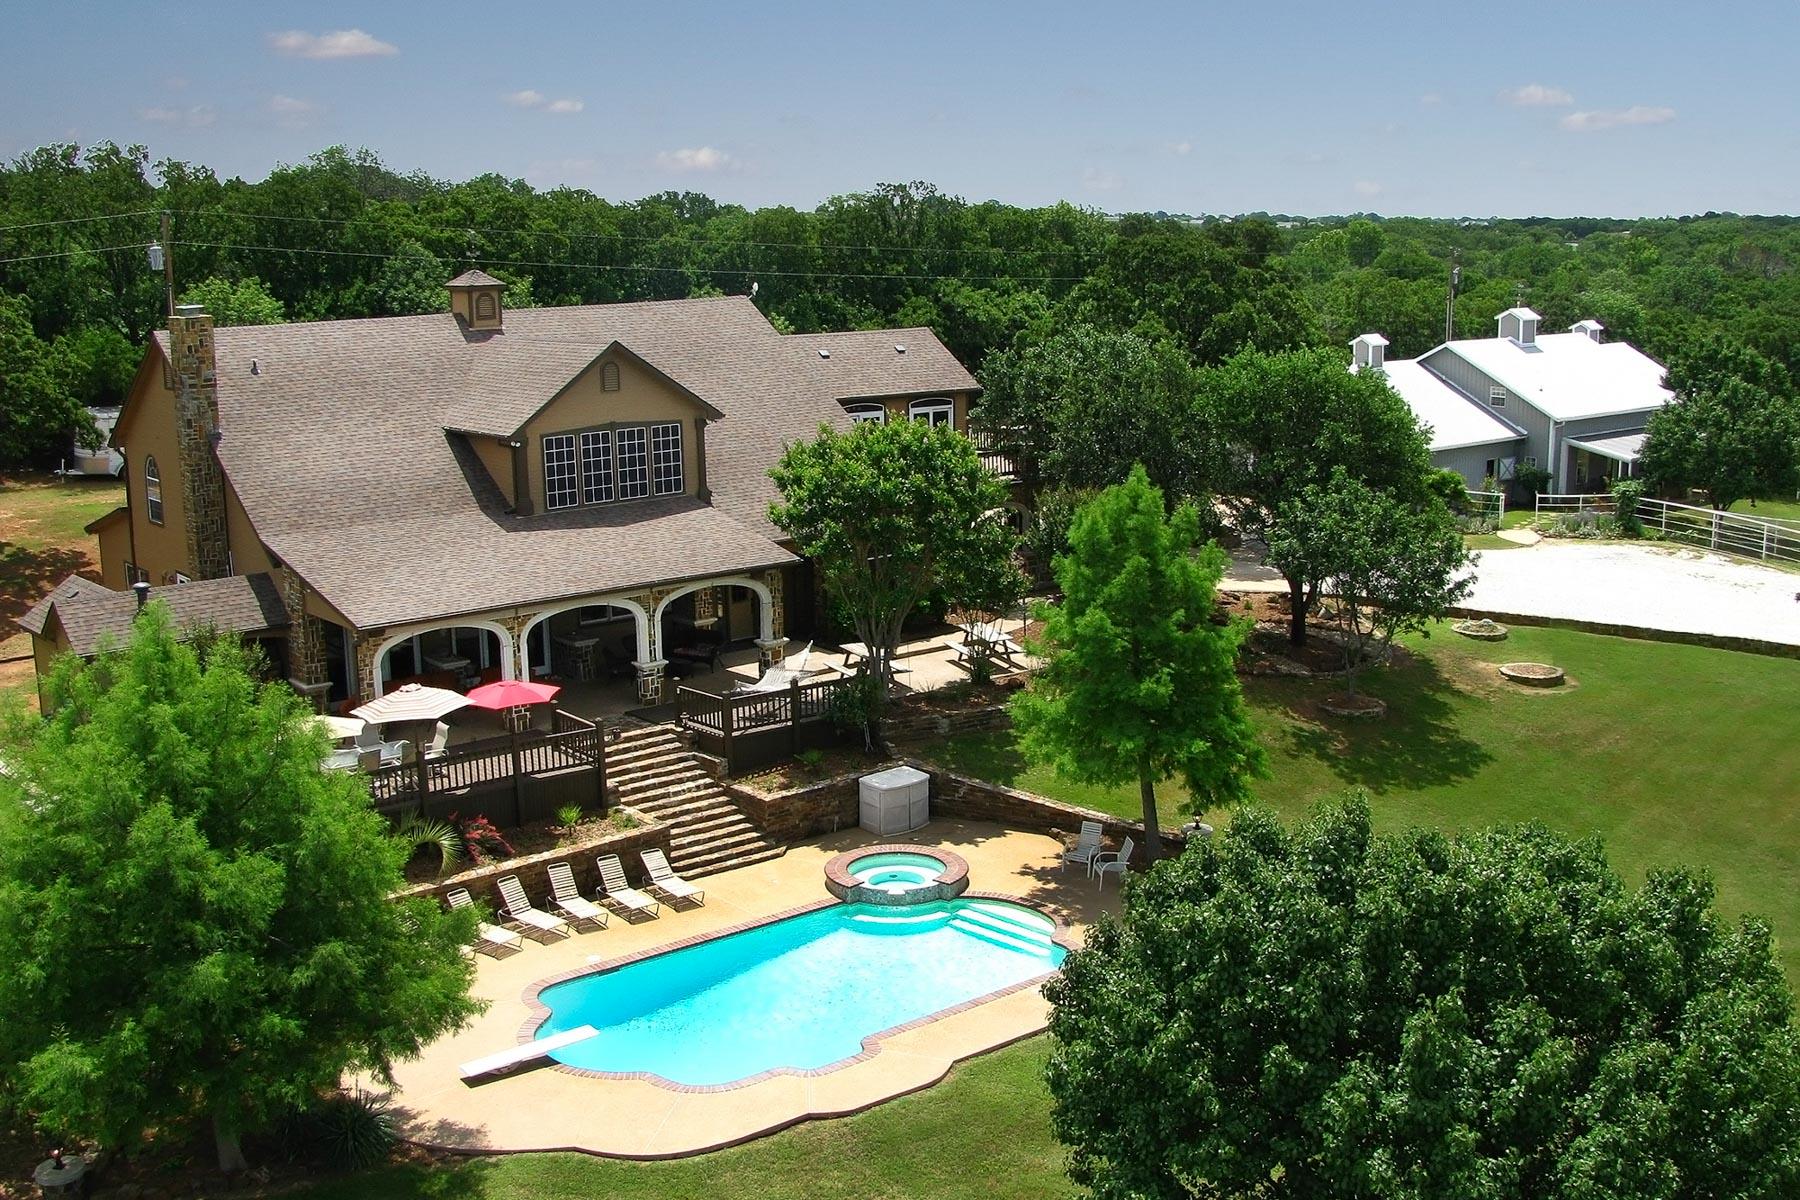 农场 / 牧场 / 种植园 为 销售 在 Mountain View Ranch 6068 Northview Court 奥布里, 得克萨斯州, 76227 美国